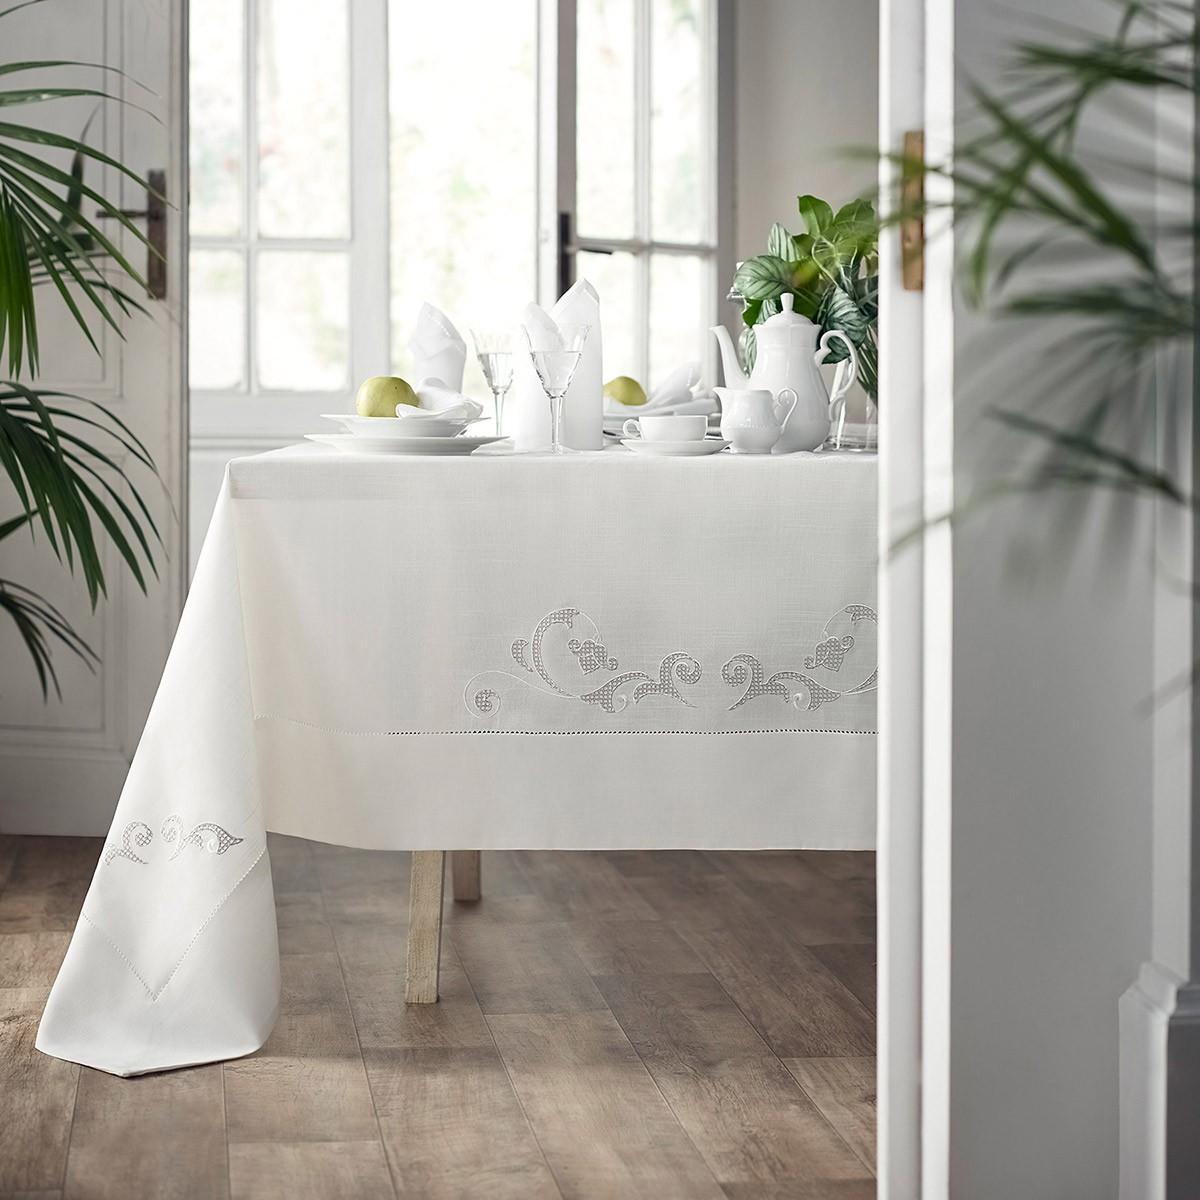 Τραπεζομάντηλο (150x260) Gofis Home Audrey Off White 252/15